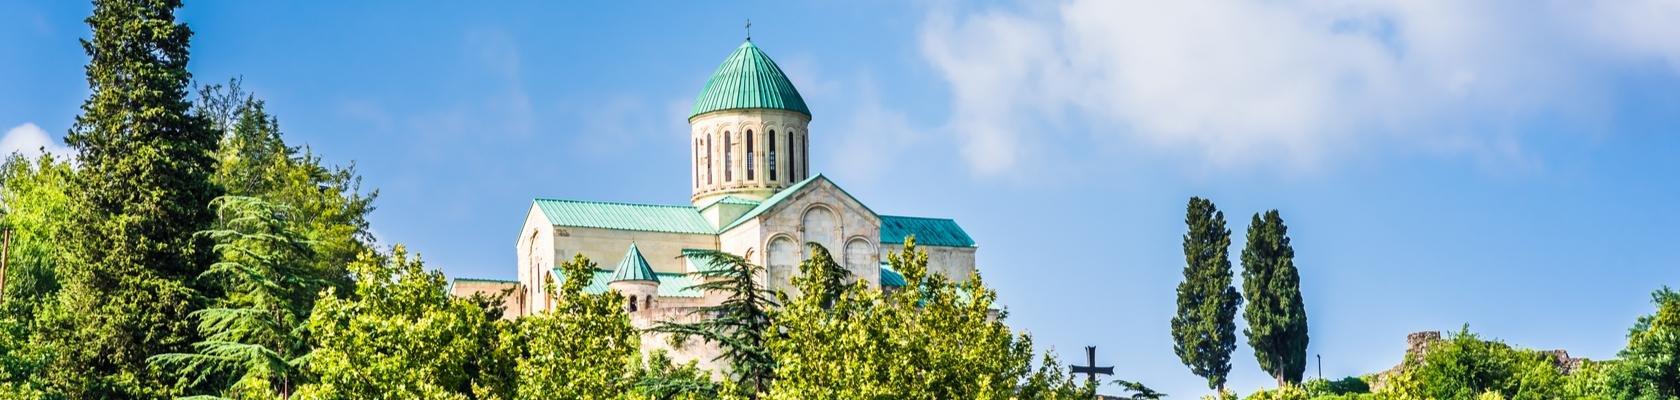 Het Gelati klooster